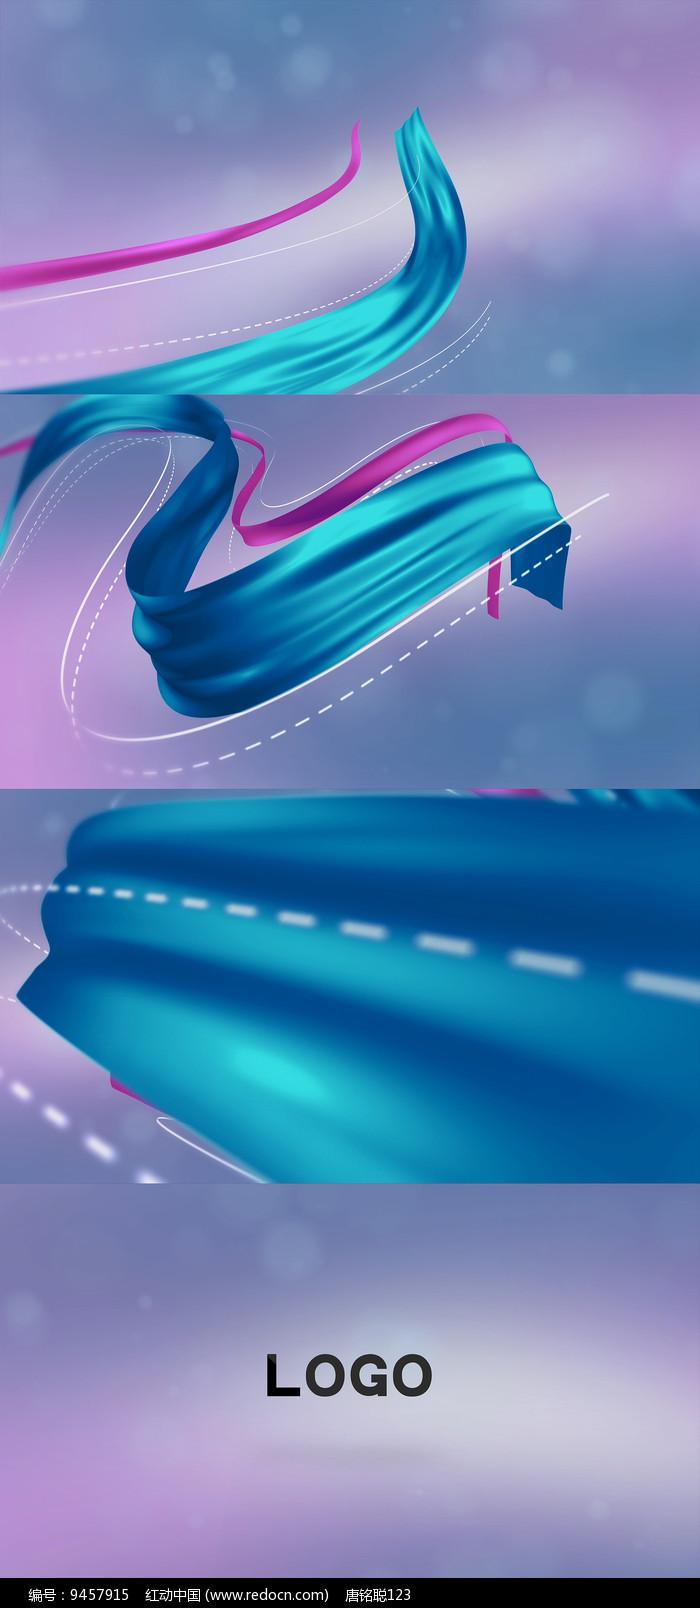 飘逸的彩色丝绸AE模板图片